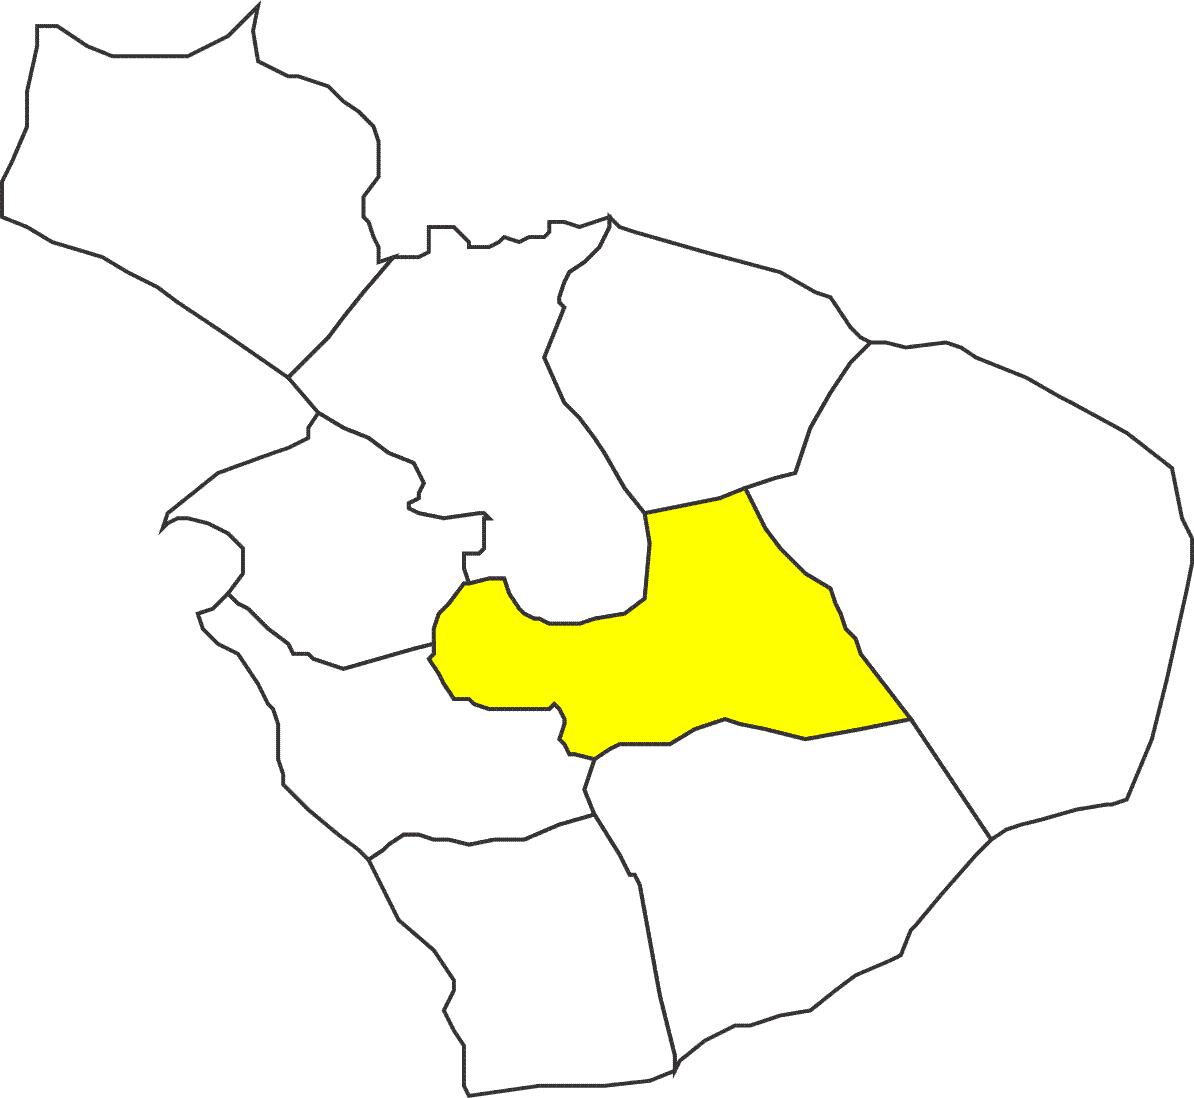 دهستان معصومیه